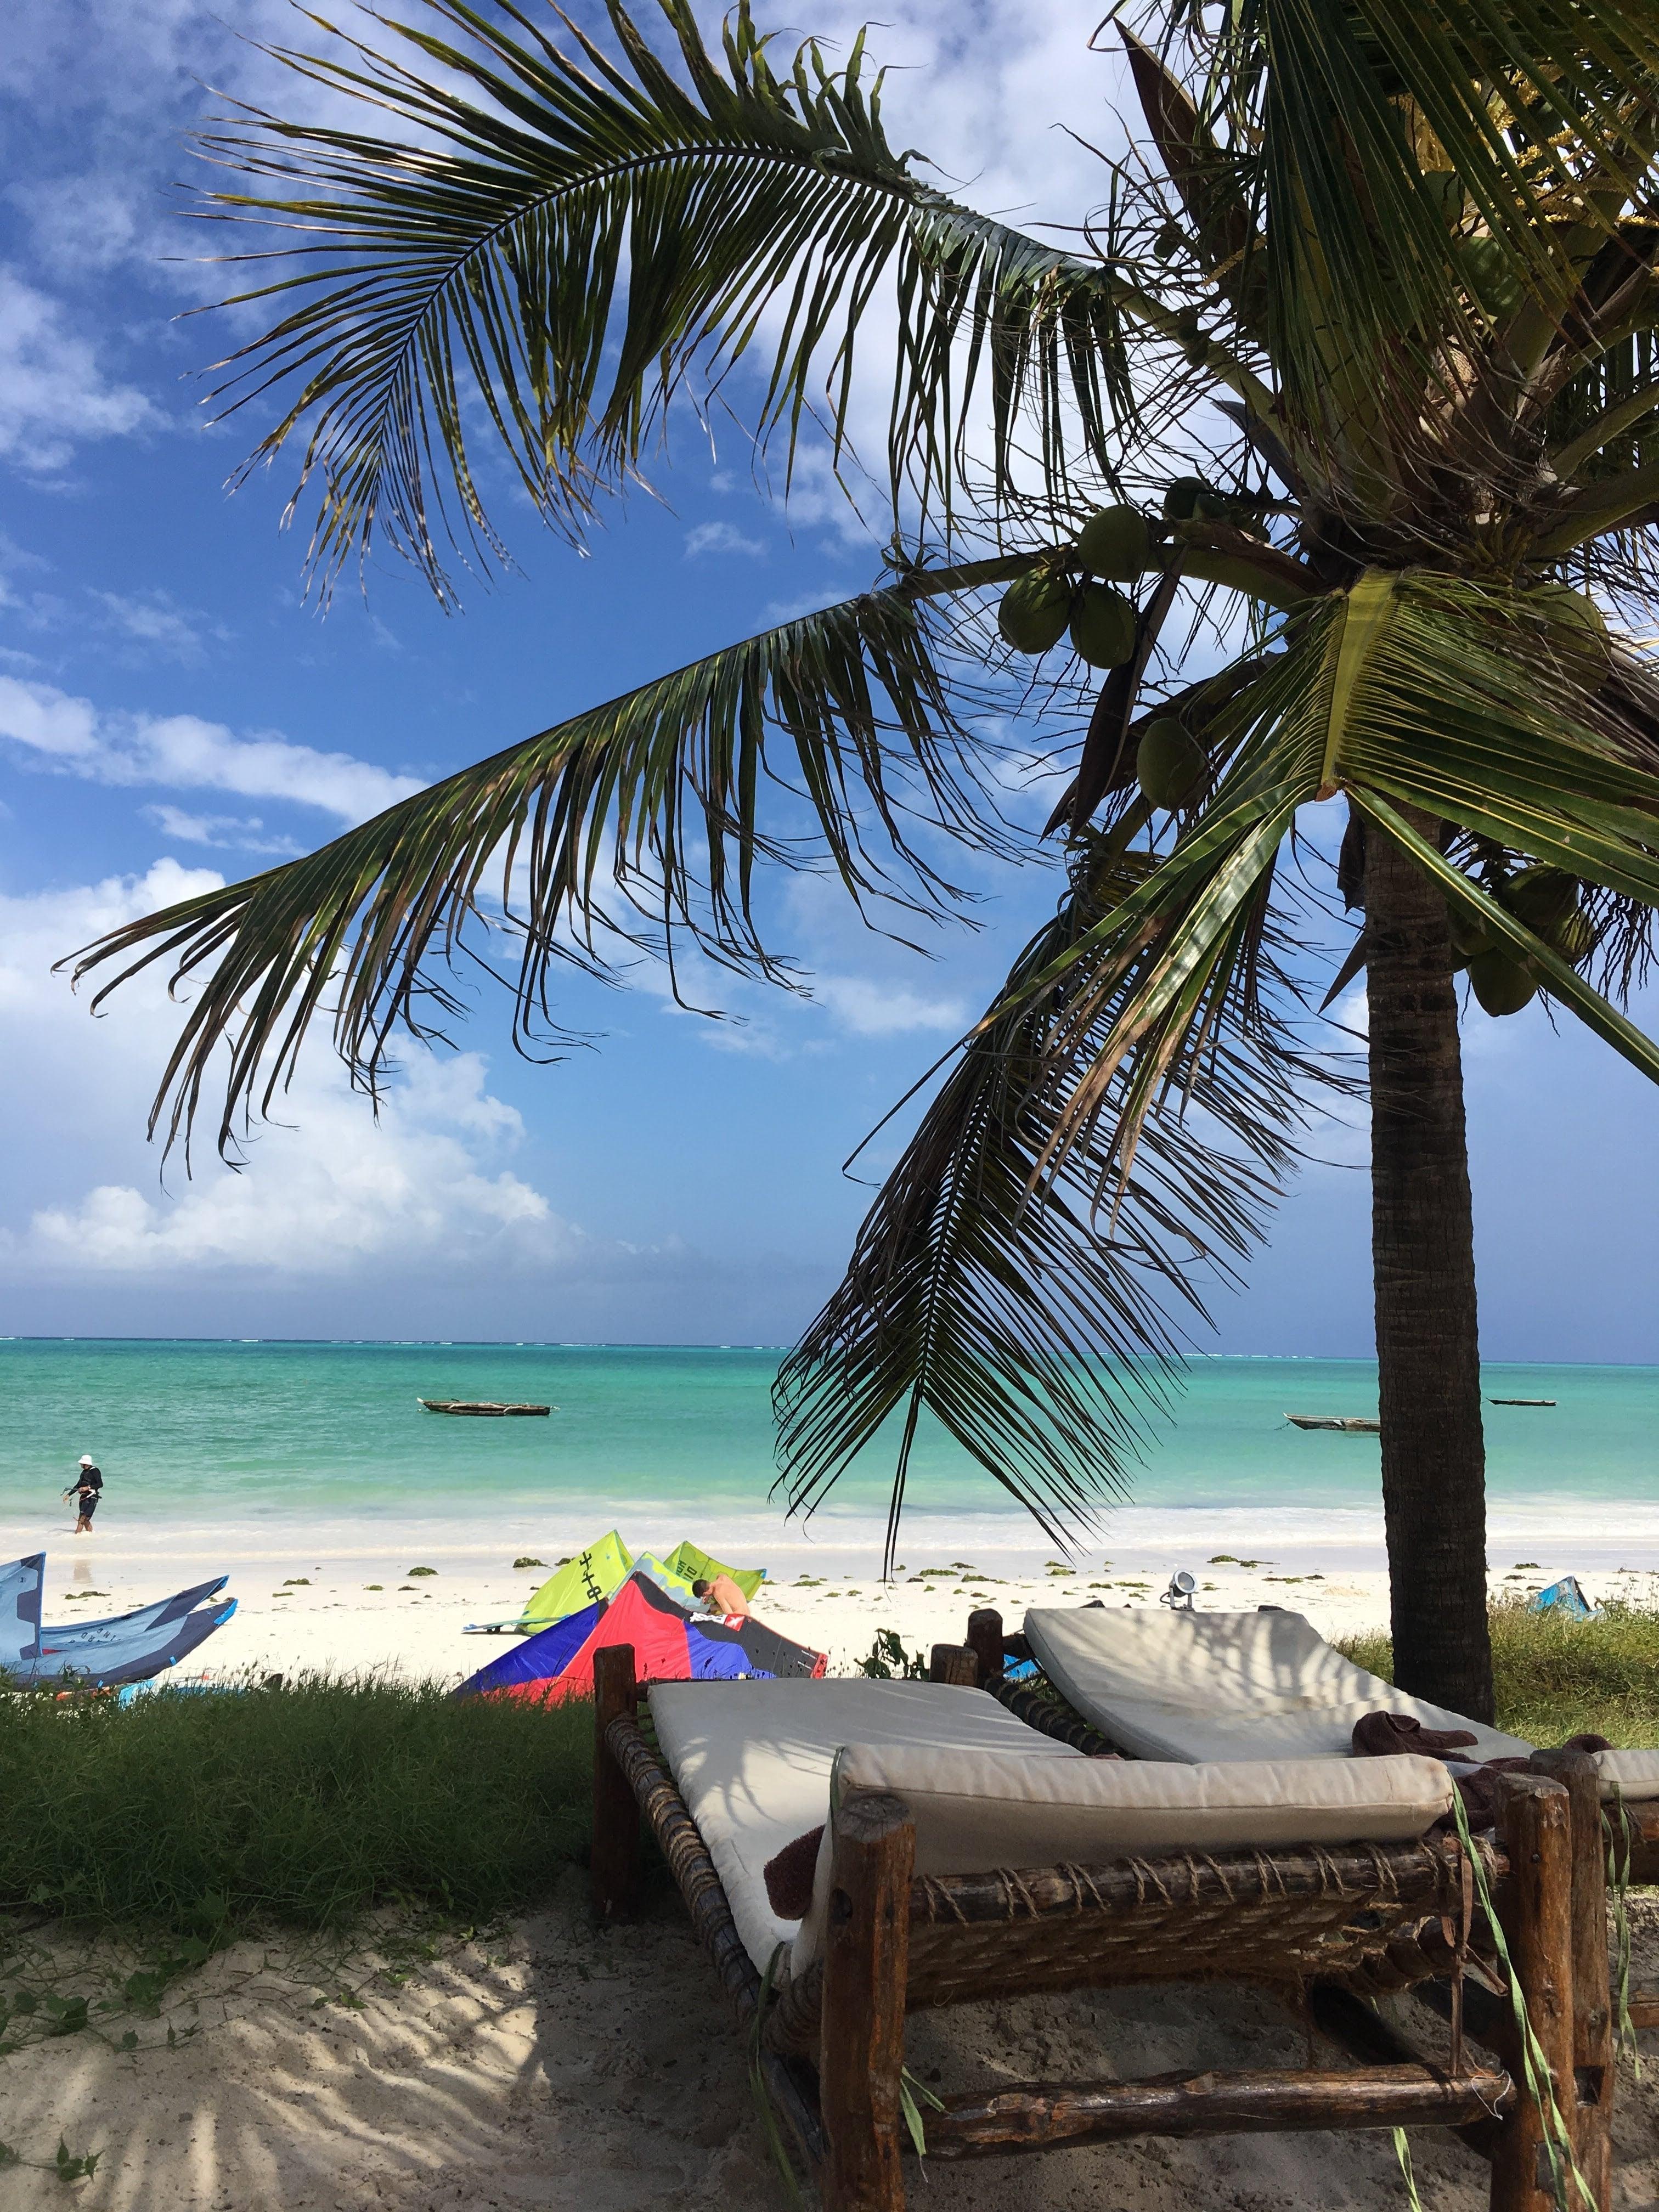 vacanta zanzibar 2020, Vacanta Zanzibar 2020: activități pe care să le experimentezi în acest paradis exotic